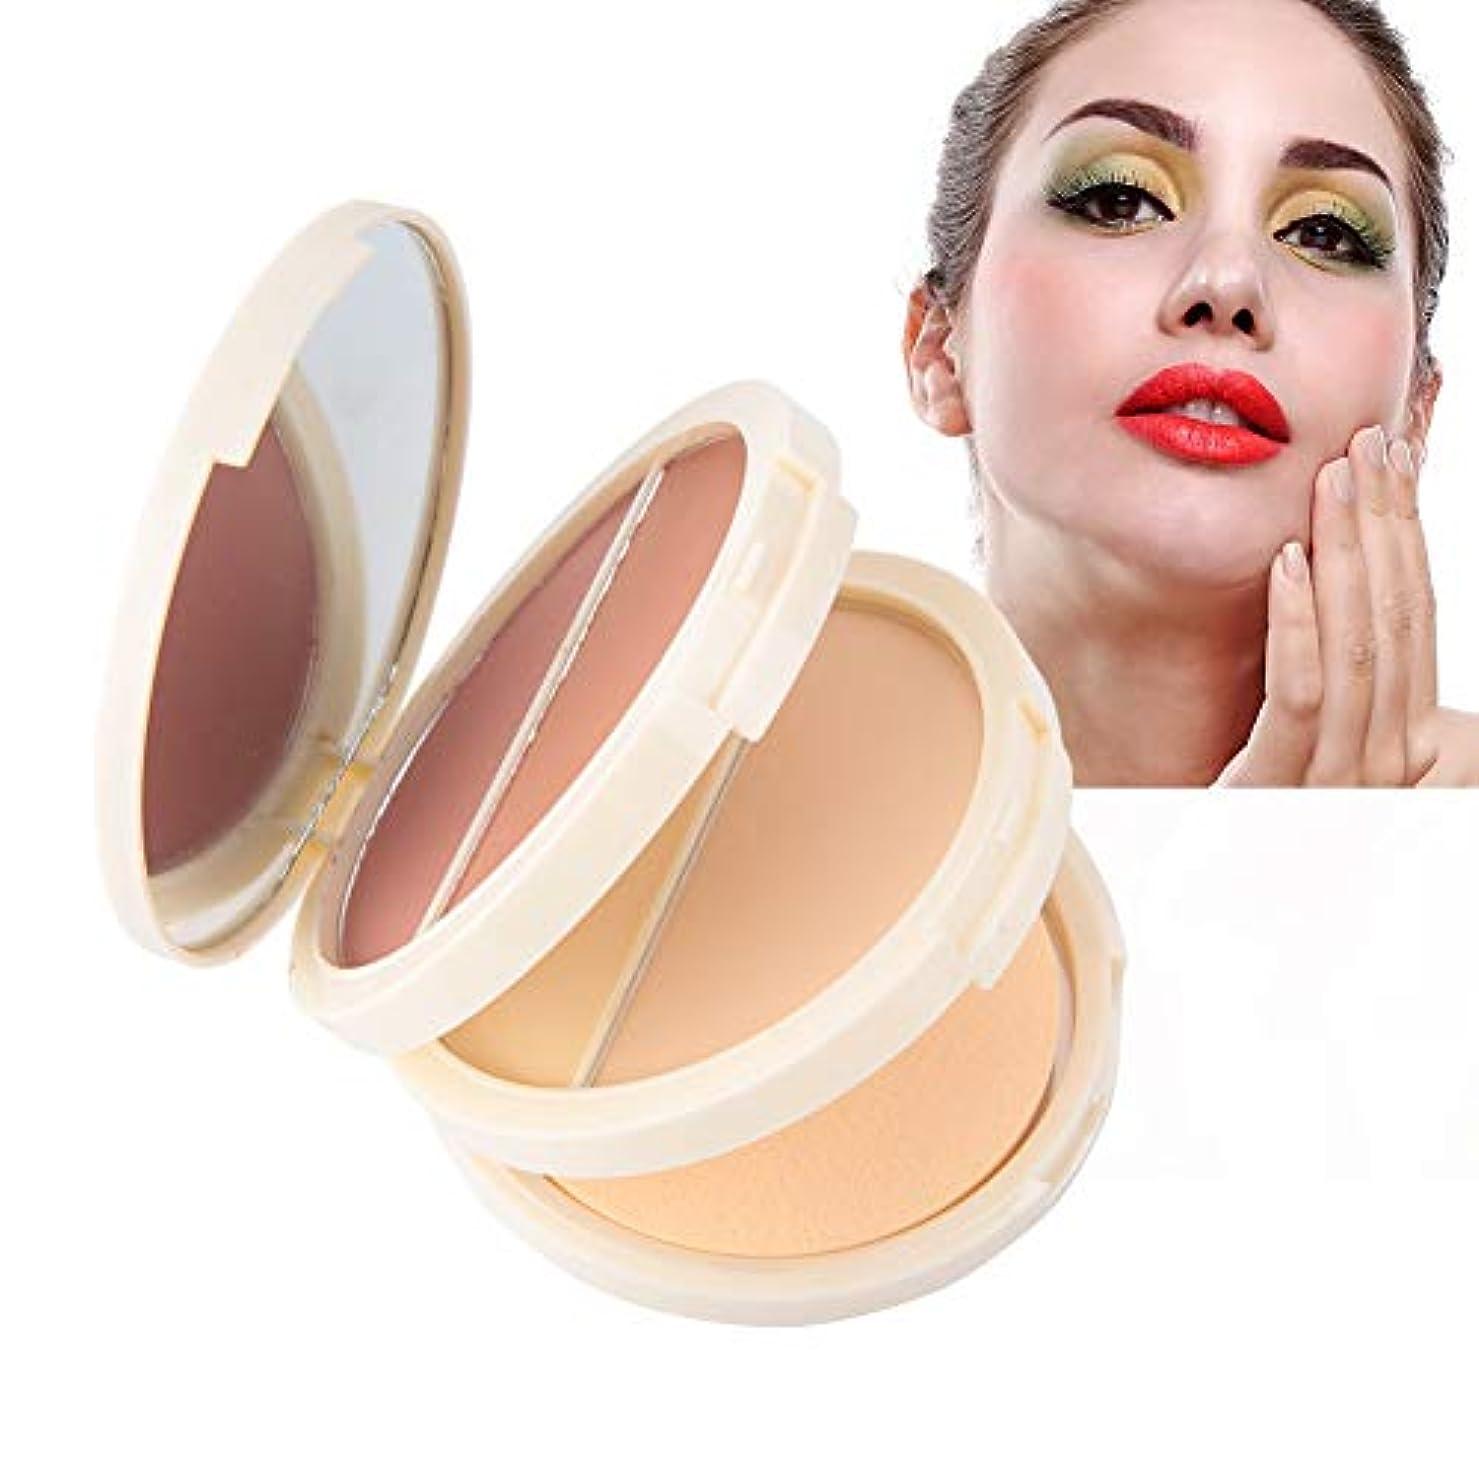 補う発音間違えた化粧品、オイル管理および防水および長続きがする効果のための1つのコンシーラーの粉の赤面粉に付き3つ